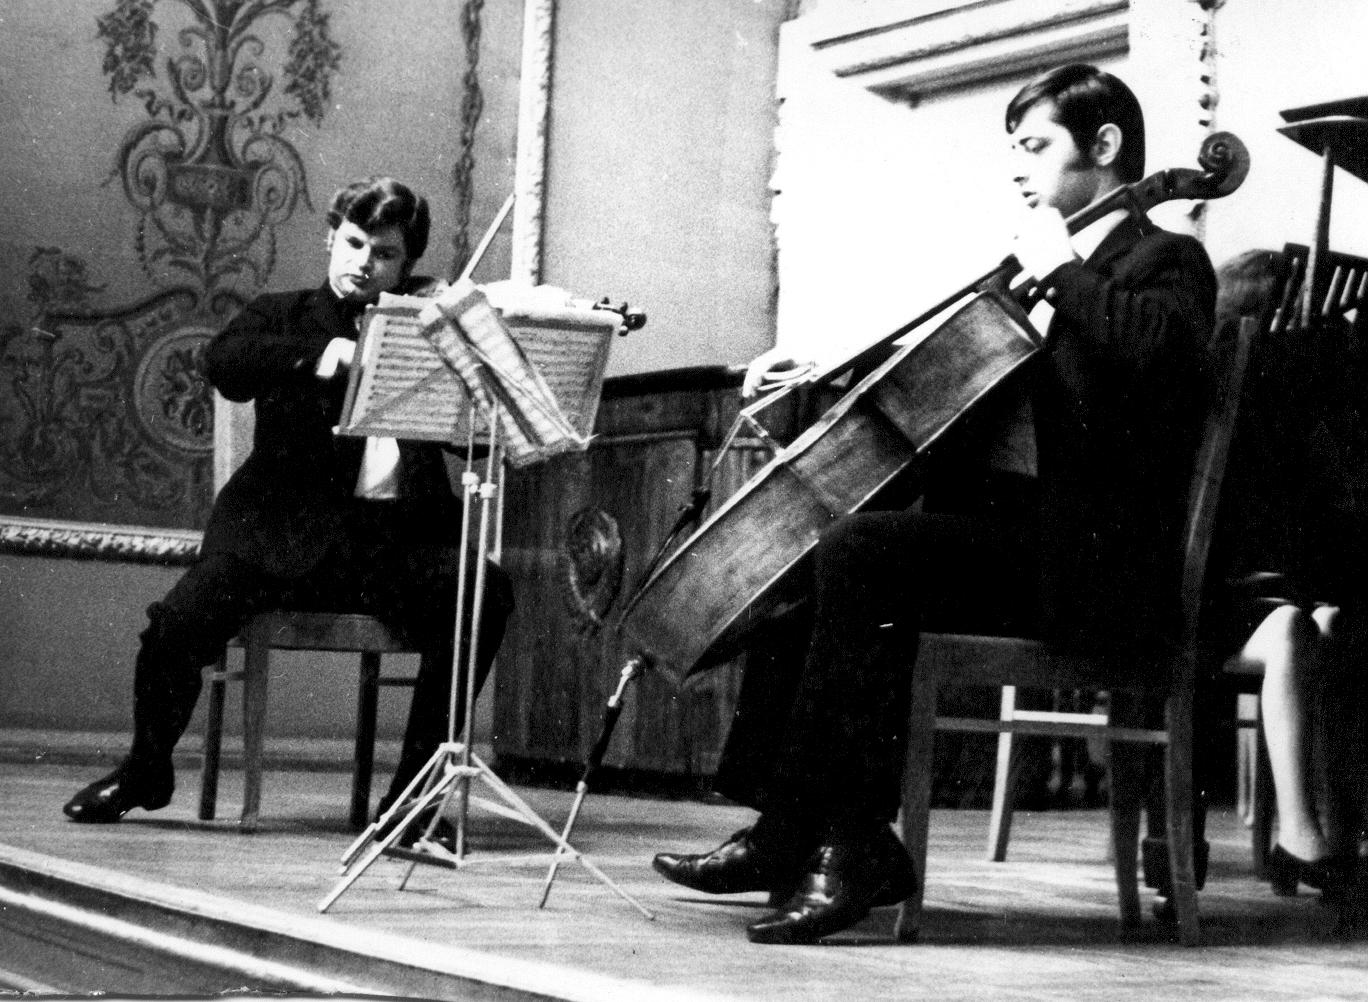 Дмитрий Миллер с коллегами в Бетховенском зале Большого театра (30 мая 1973)